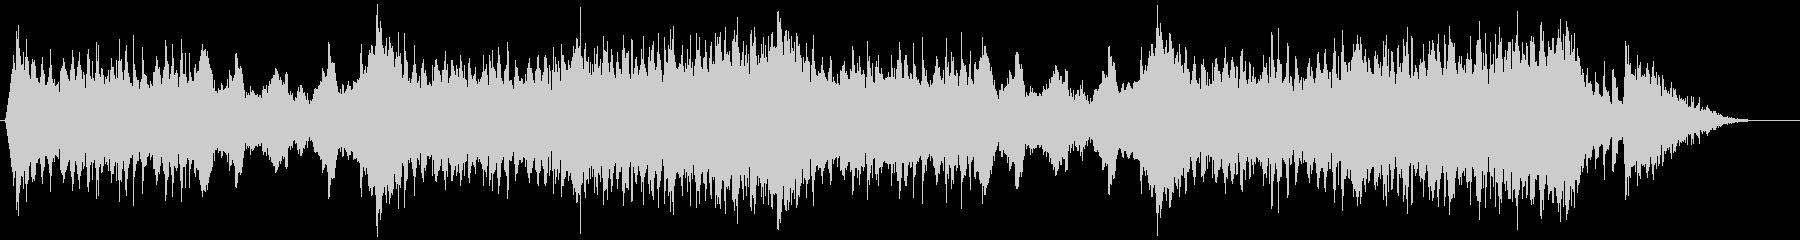 スリリングなBGM(バトルシーンなどに)の未再生の波形